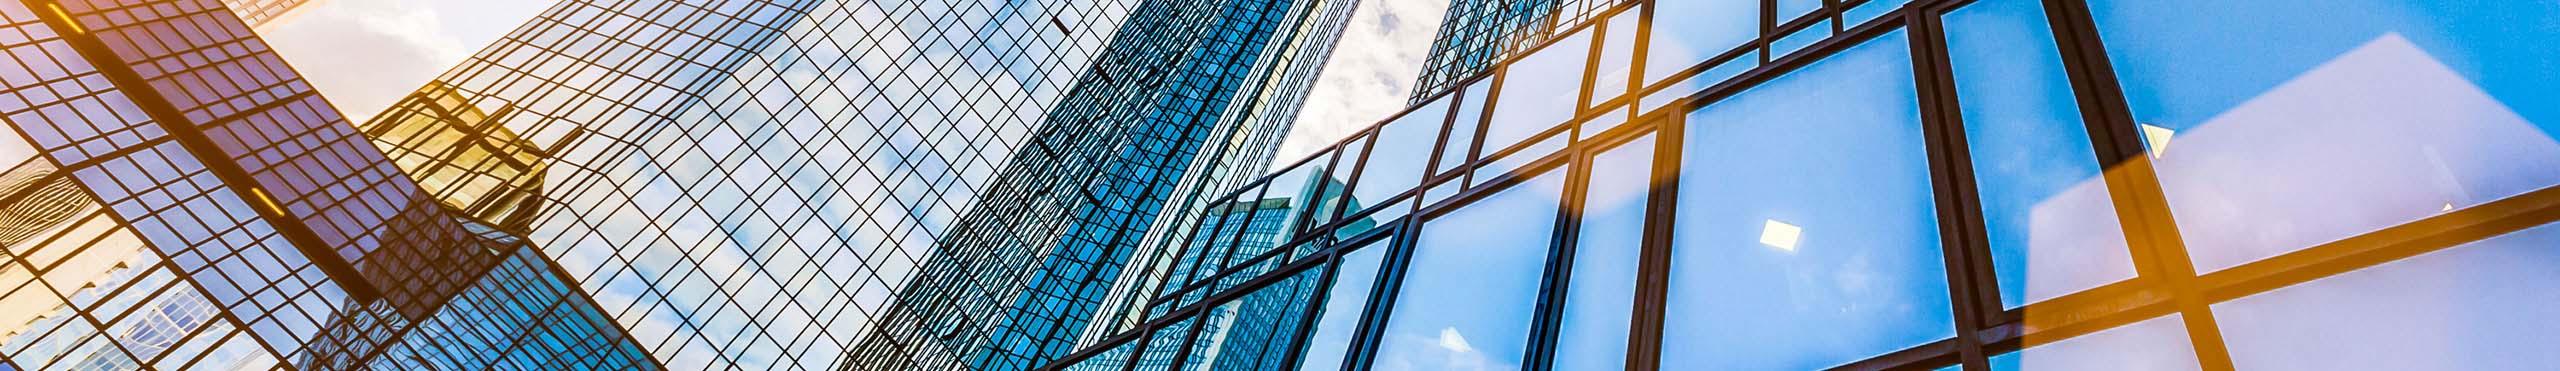 Exclusivité : 3 bonnes raisons d'investir via l'offre Duo de MonFinancier